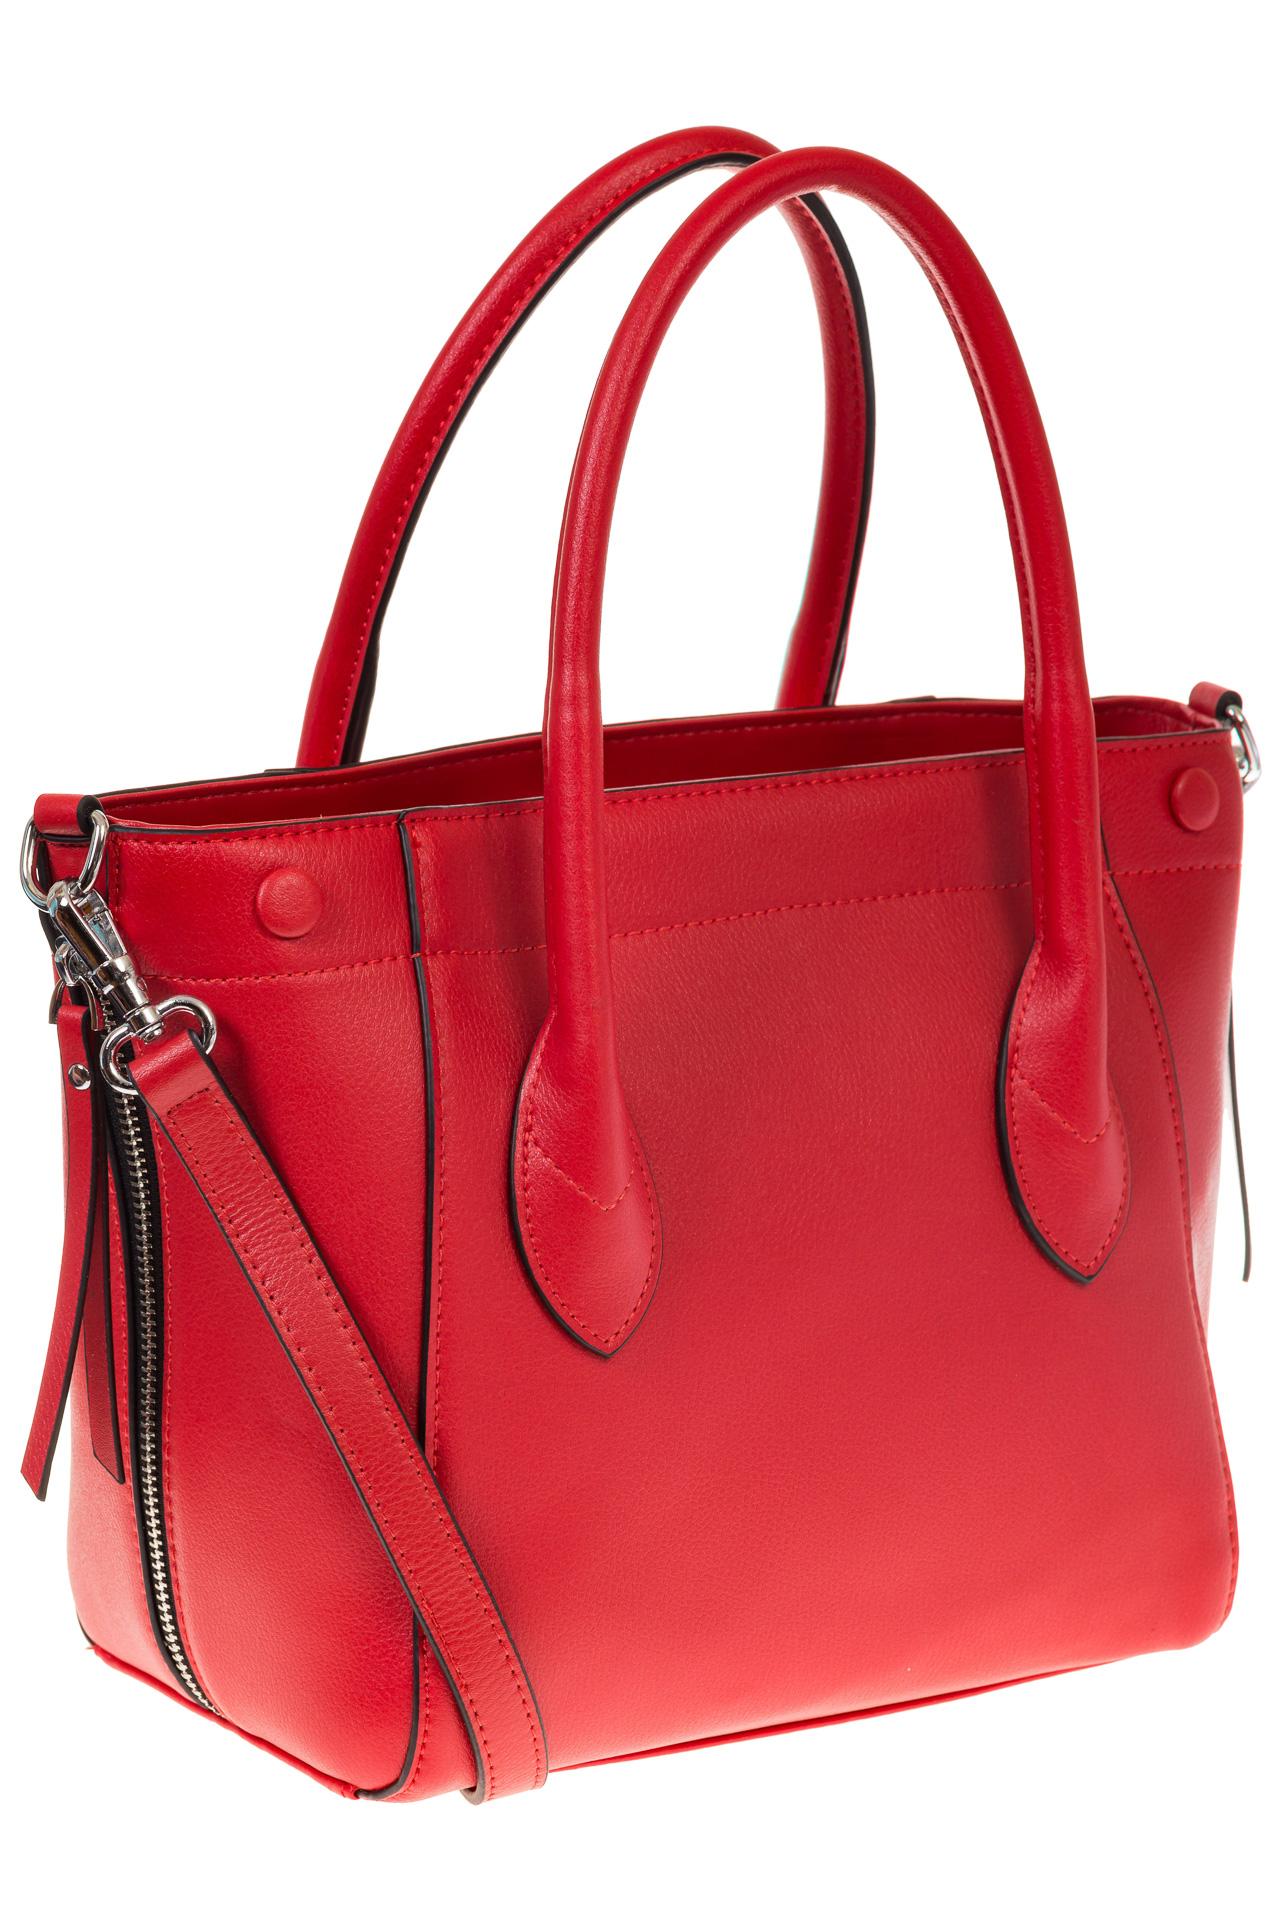 на фото Handbag из натуральной кожи красного цвета 6026MK5